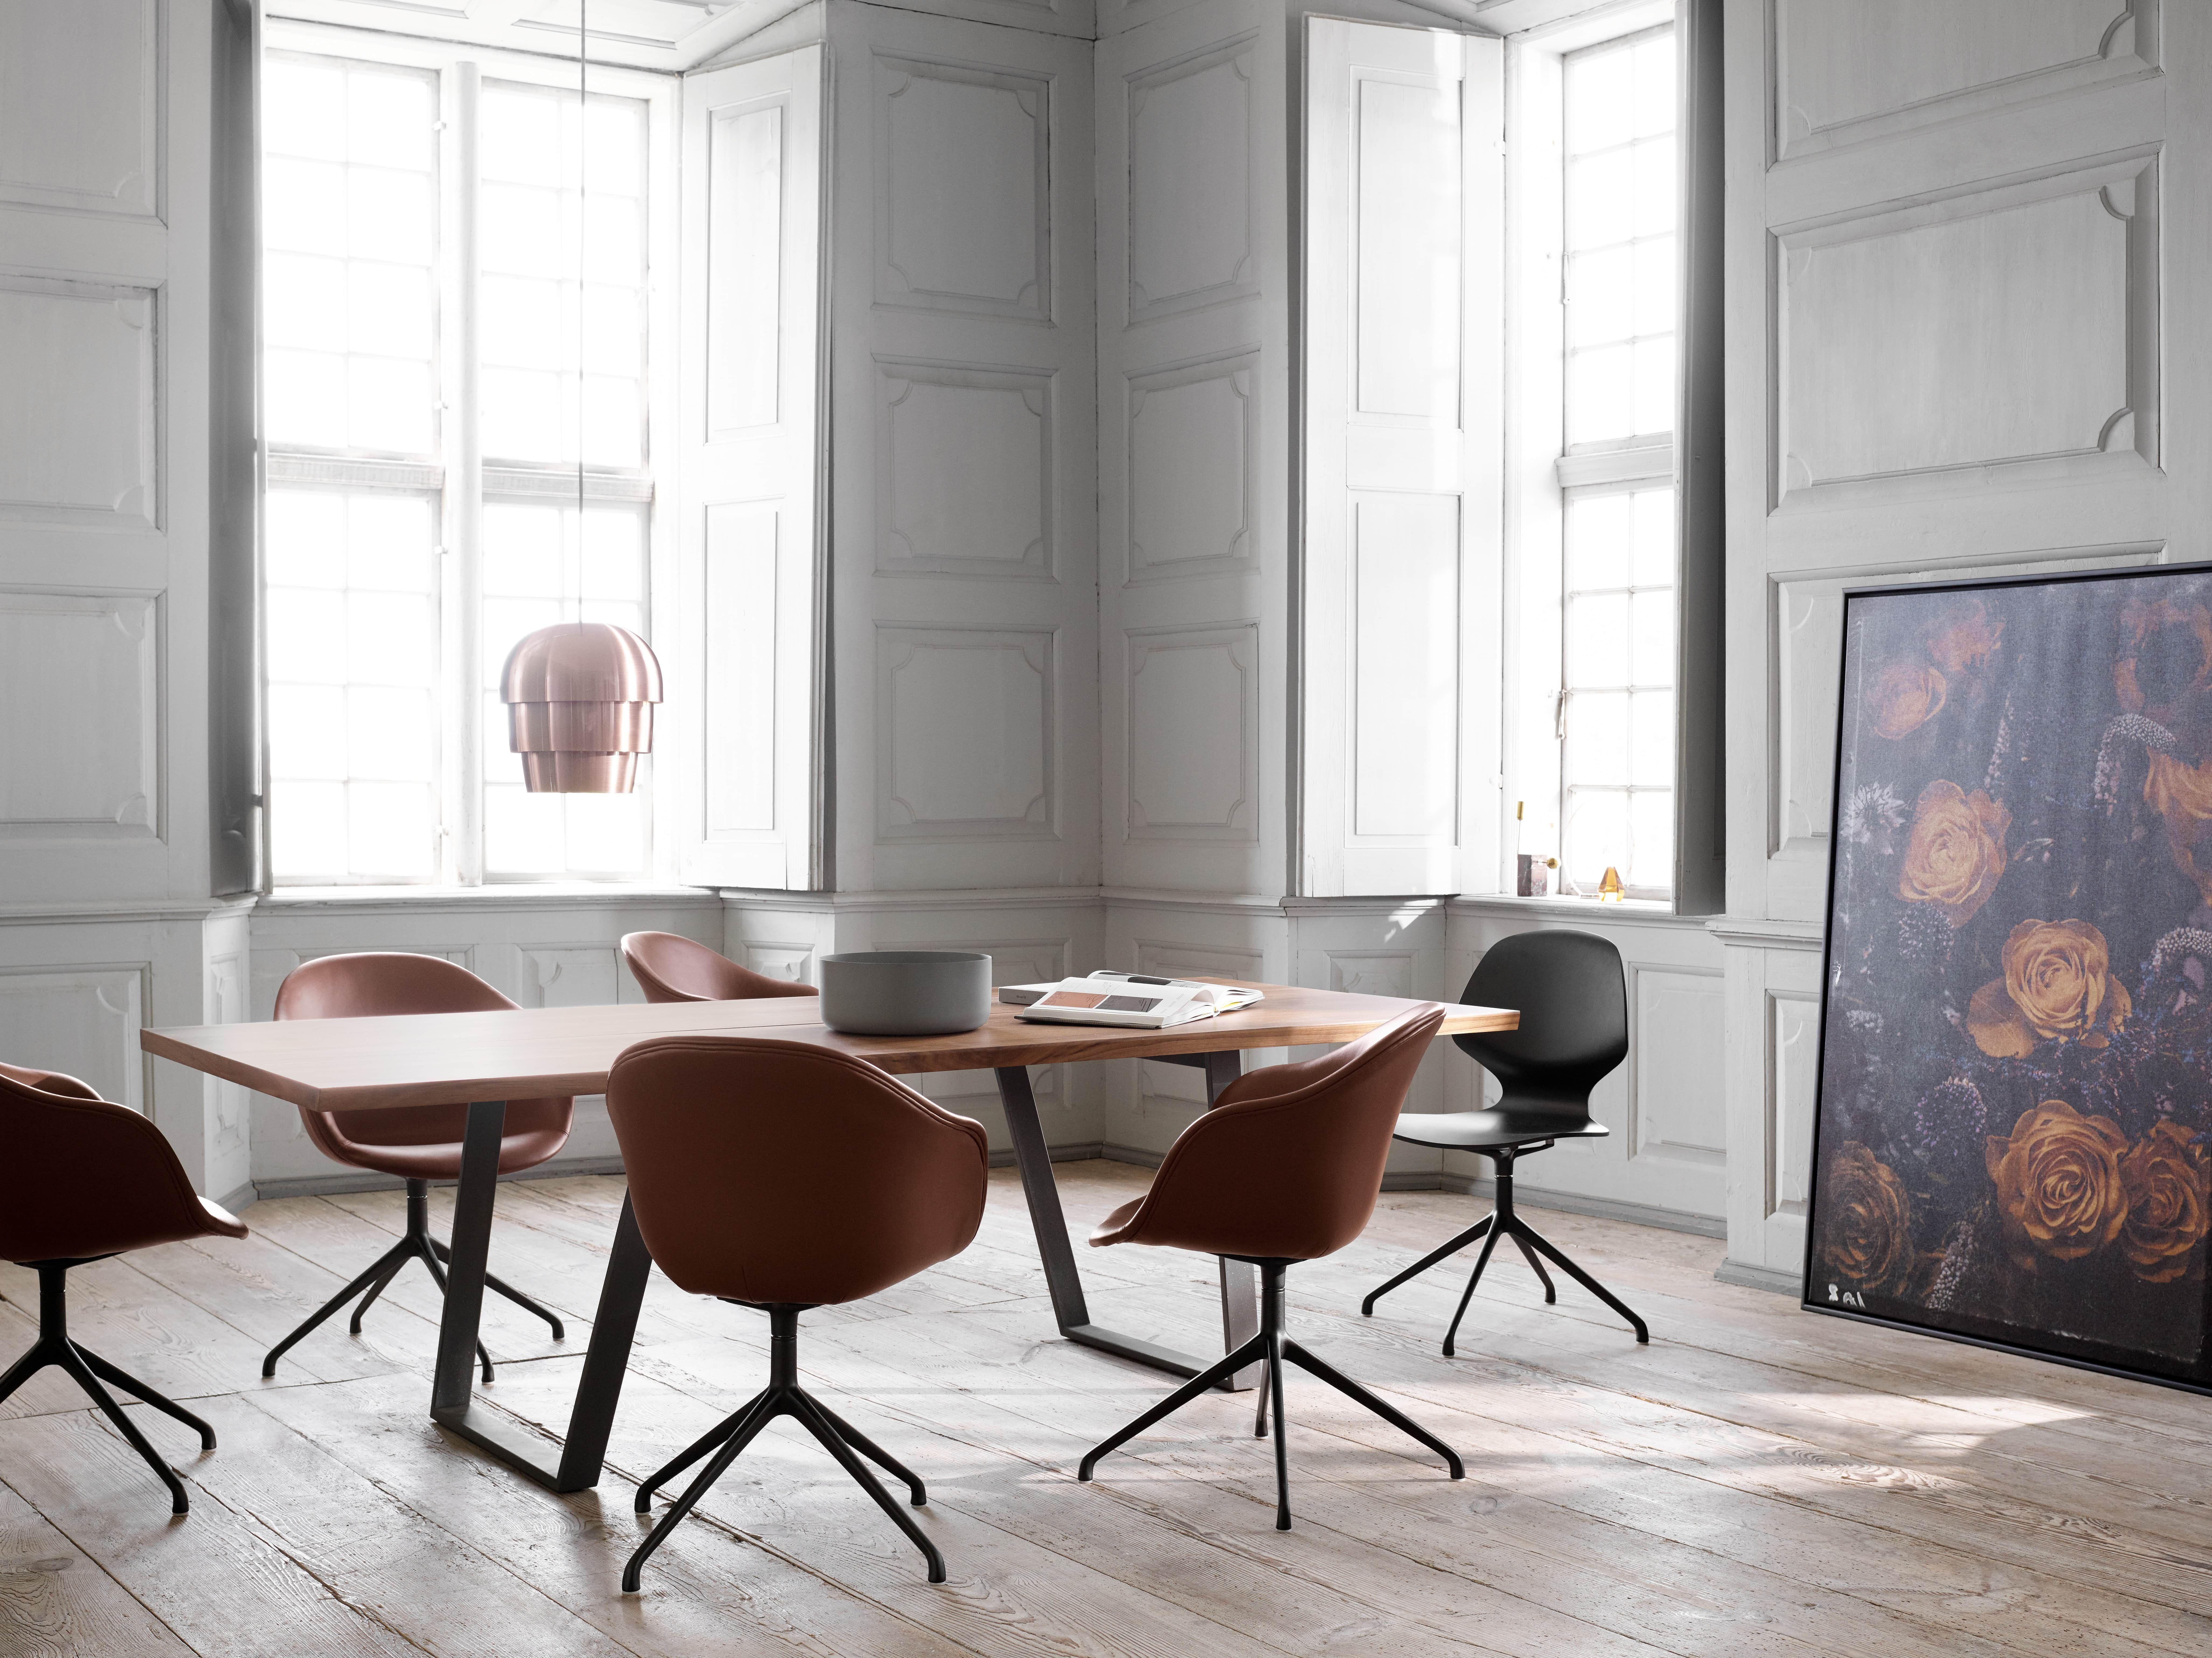 Adelaide Stühle mit Vancouver Tisch boconcept interiordesign